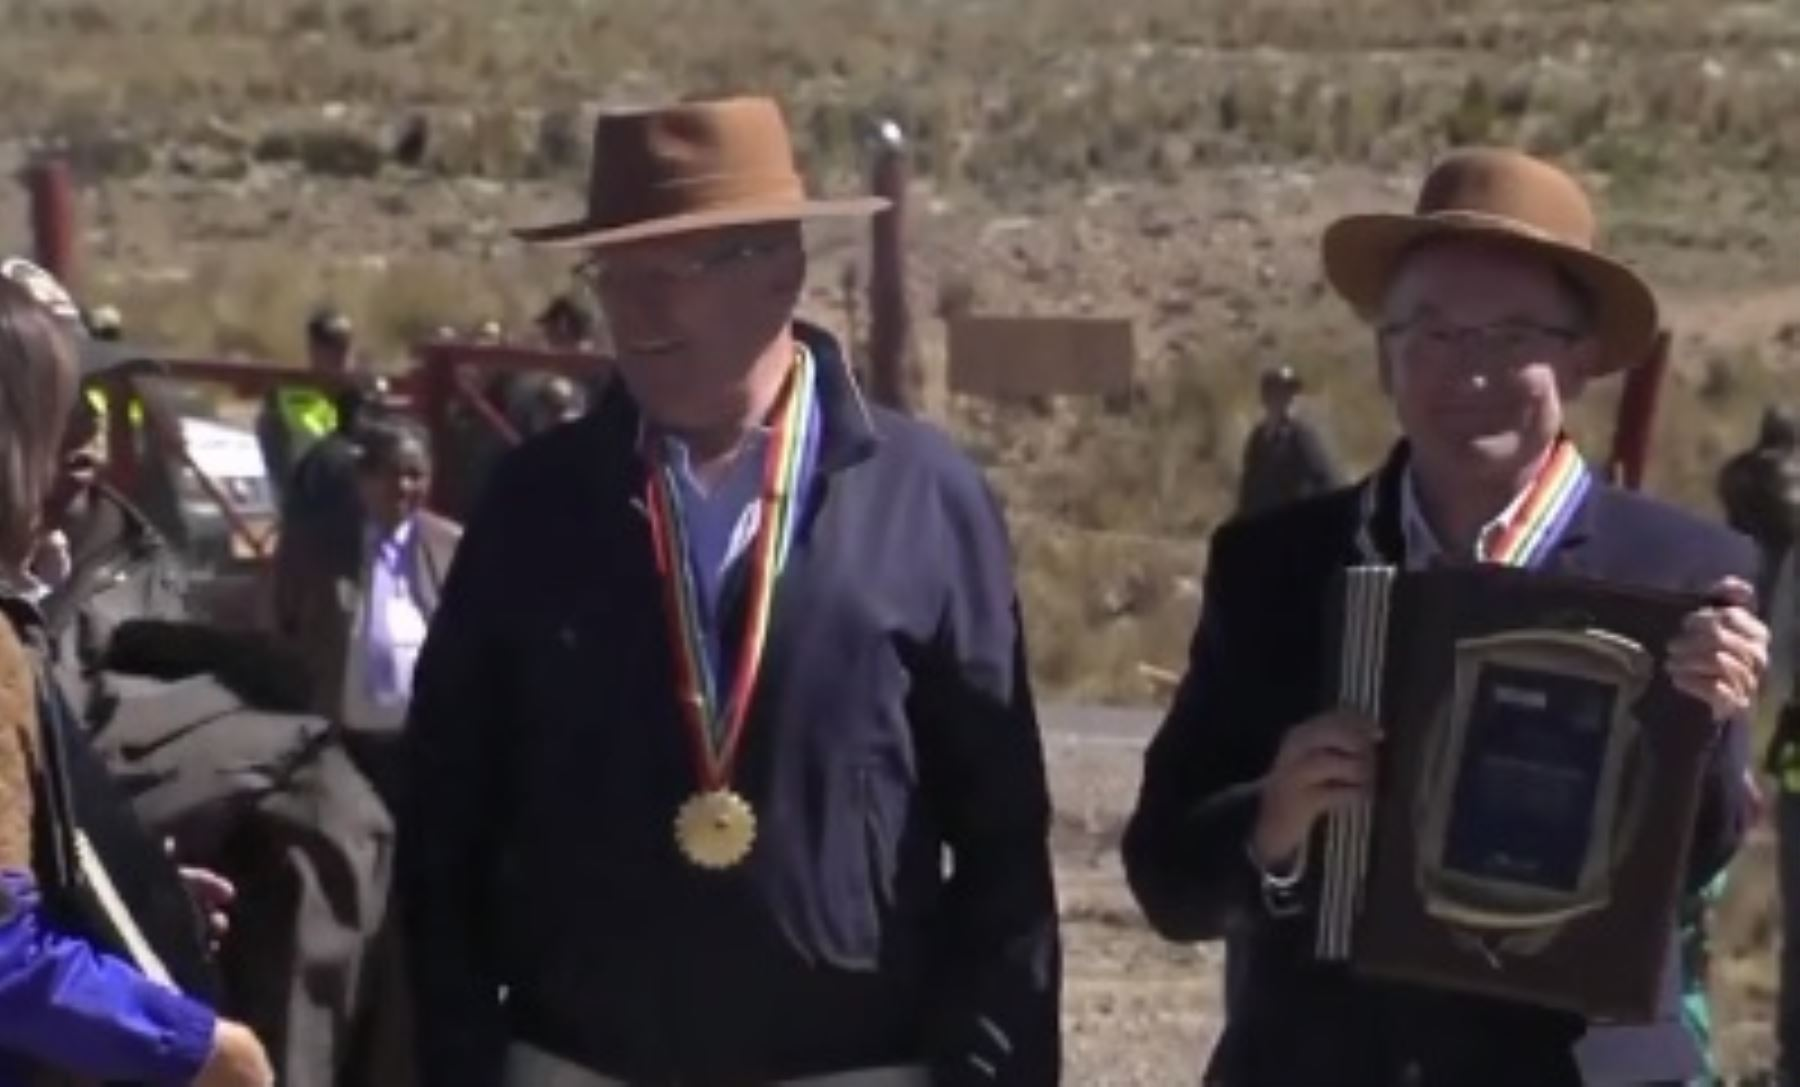 Reconocimiento al embajador de Alemania en el Perú, Jórg Ranau, por los 50 años de cooperación técnica de Alemania al Perú, durante ceremonia por el 50 aniversario de creación de la Reserva Nacional Pampa Galeras Bárbara D